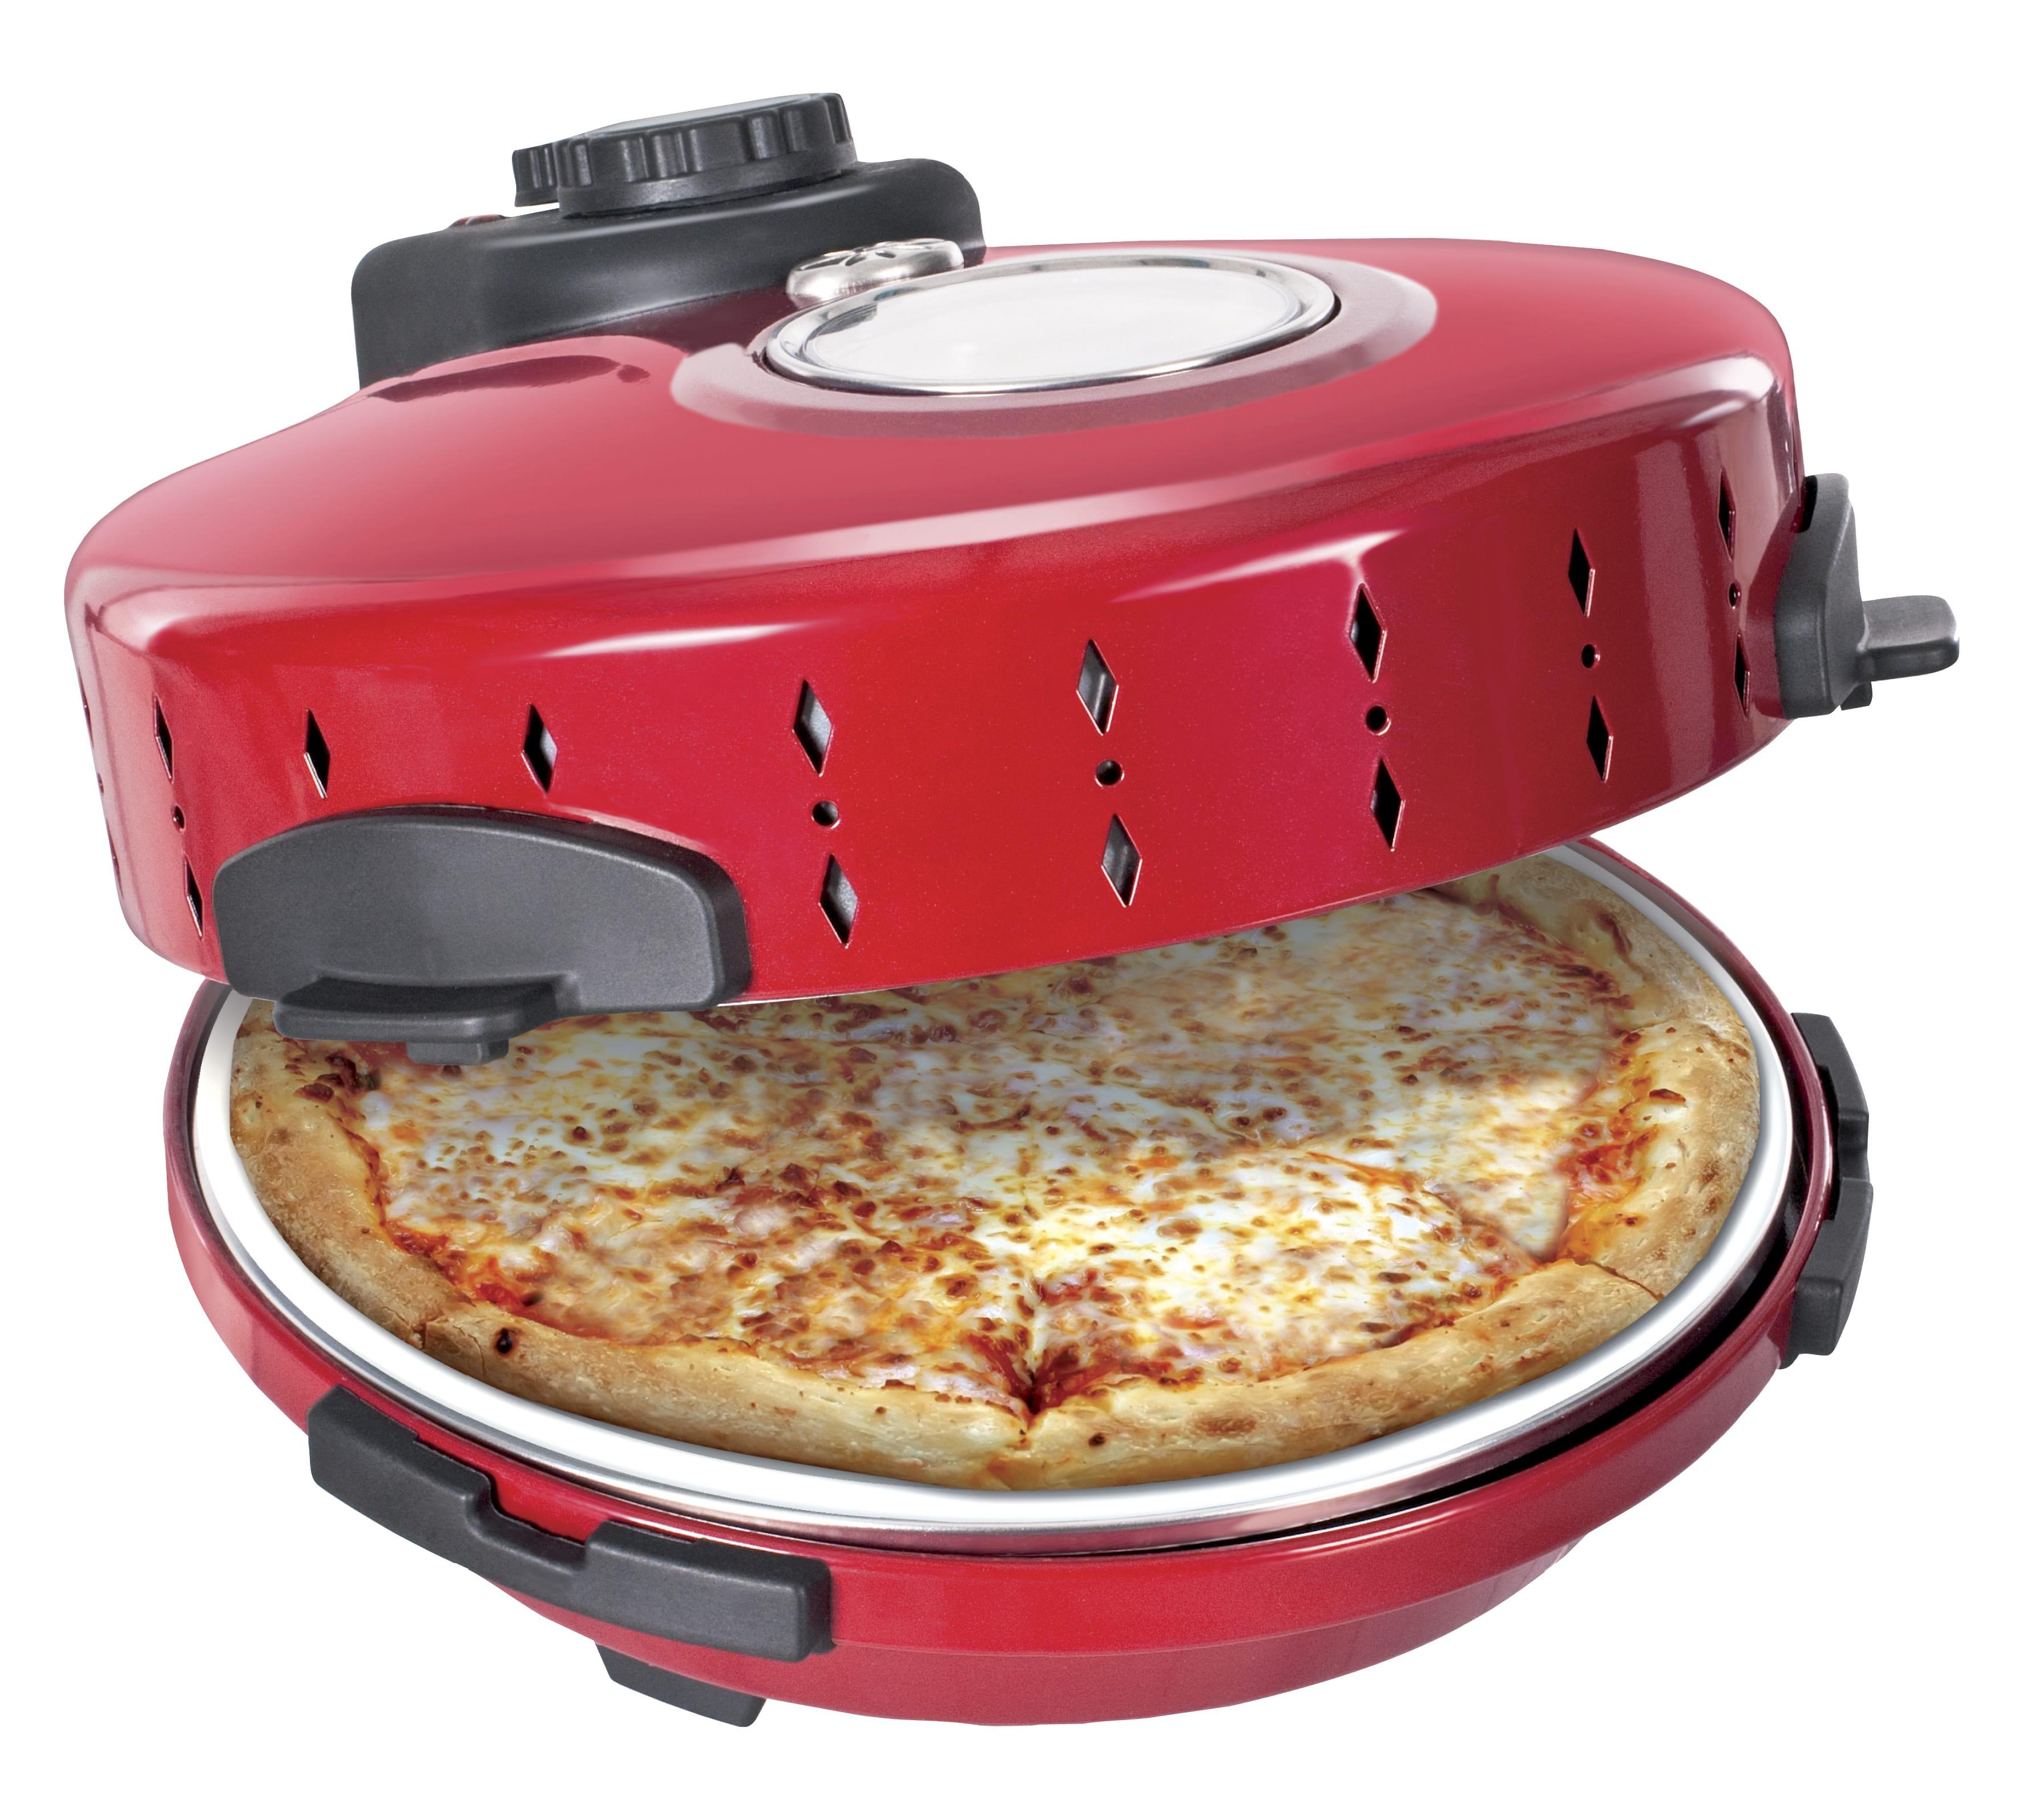 Home Mini Electric Pizza Maker Machine Pizza Dome Oven